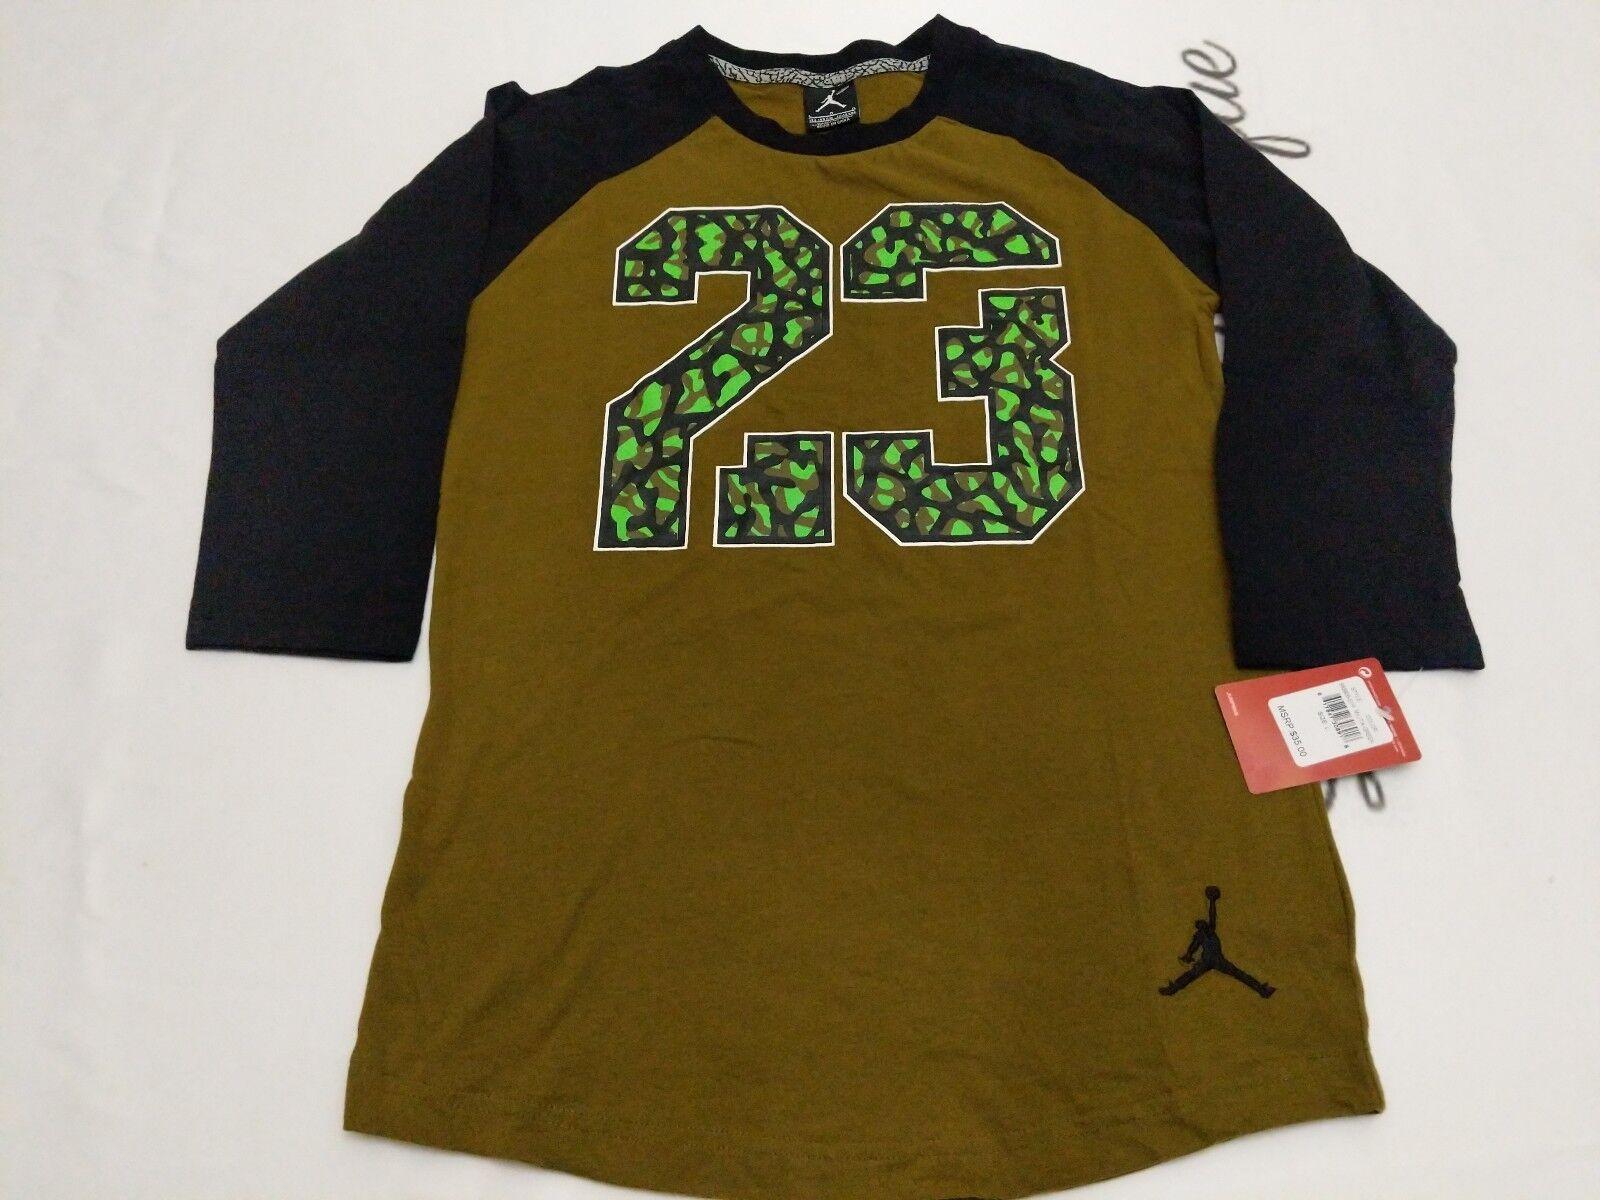 a5f2d05ed1d2 All Black Jordan Shirts